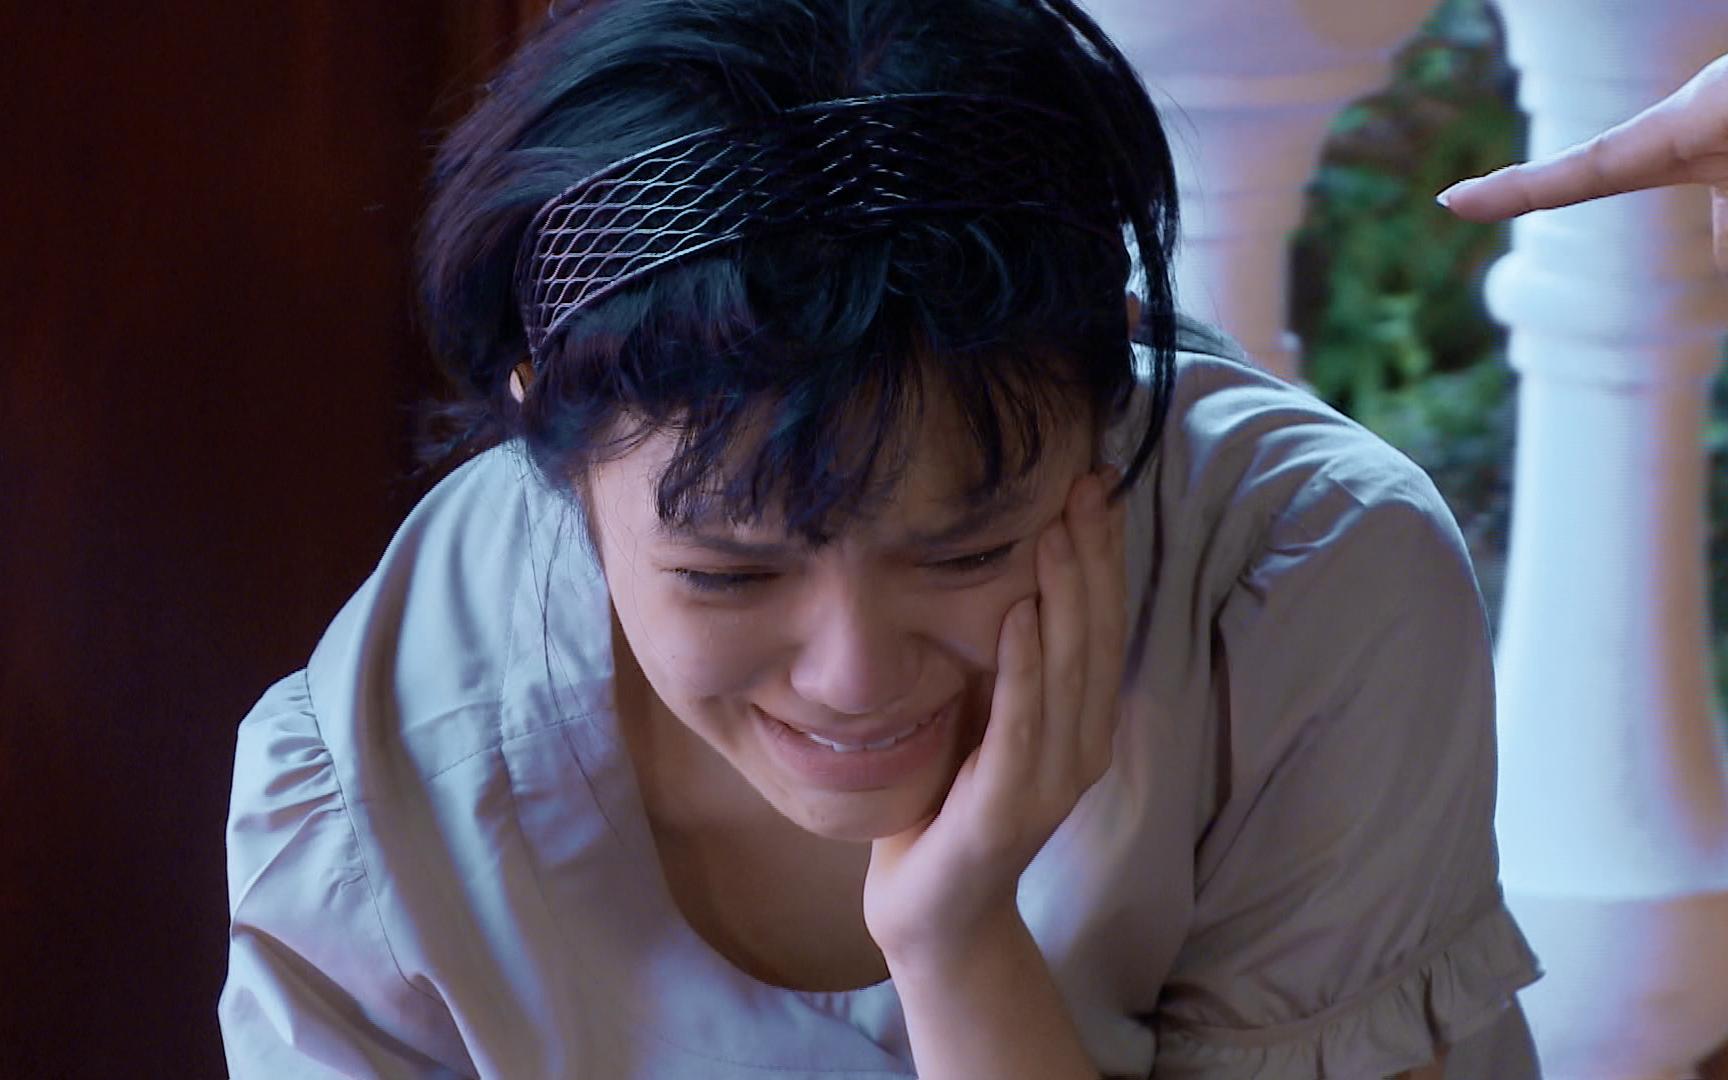 ''Yêu trong đau thương'' lên sóng VTV3: Vừa ra mắt đã ngập drama, cô hầu gái xinh đẹp bị ông chủ sàm sỡ